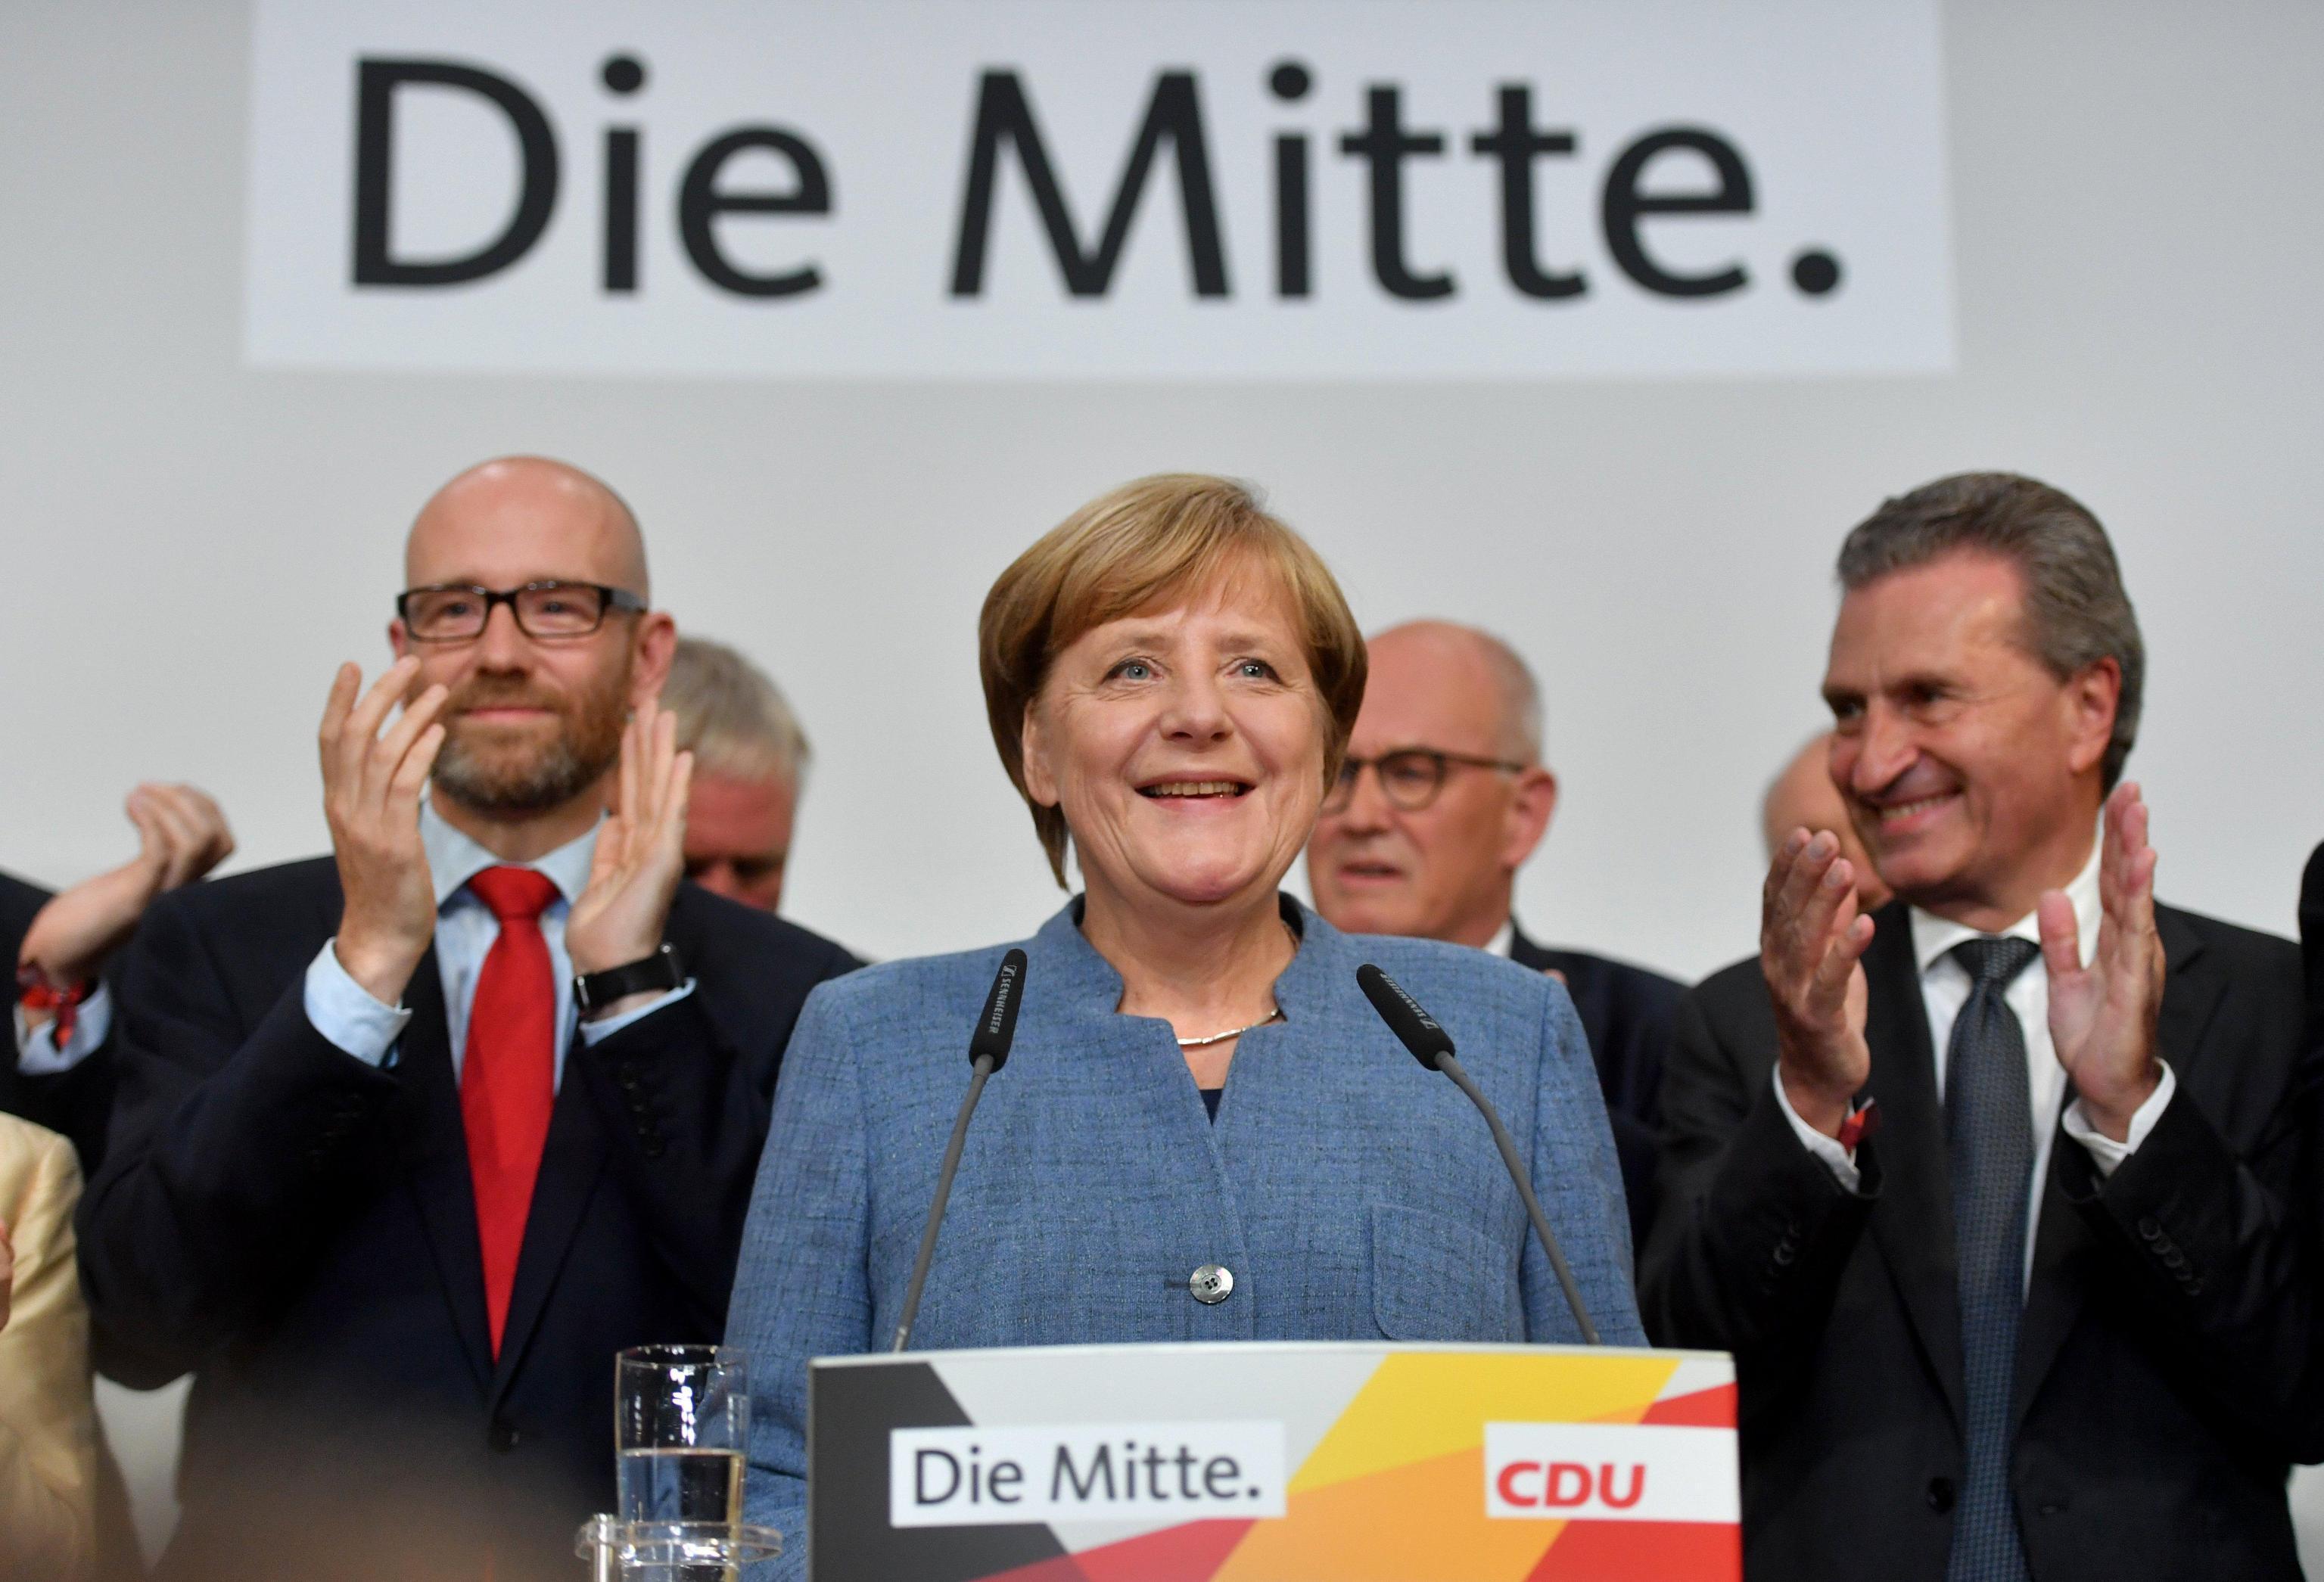 Elezioni in Germania, vince Merkel ma Cdu in calo: exploit dell'estrema destra, crollo Spd